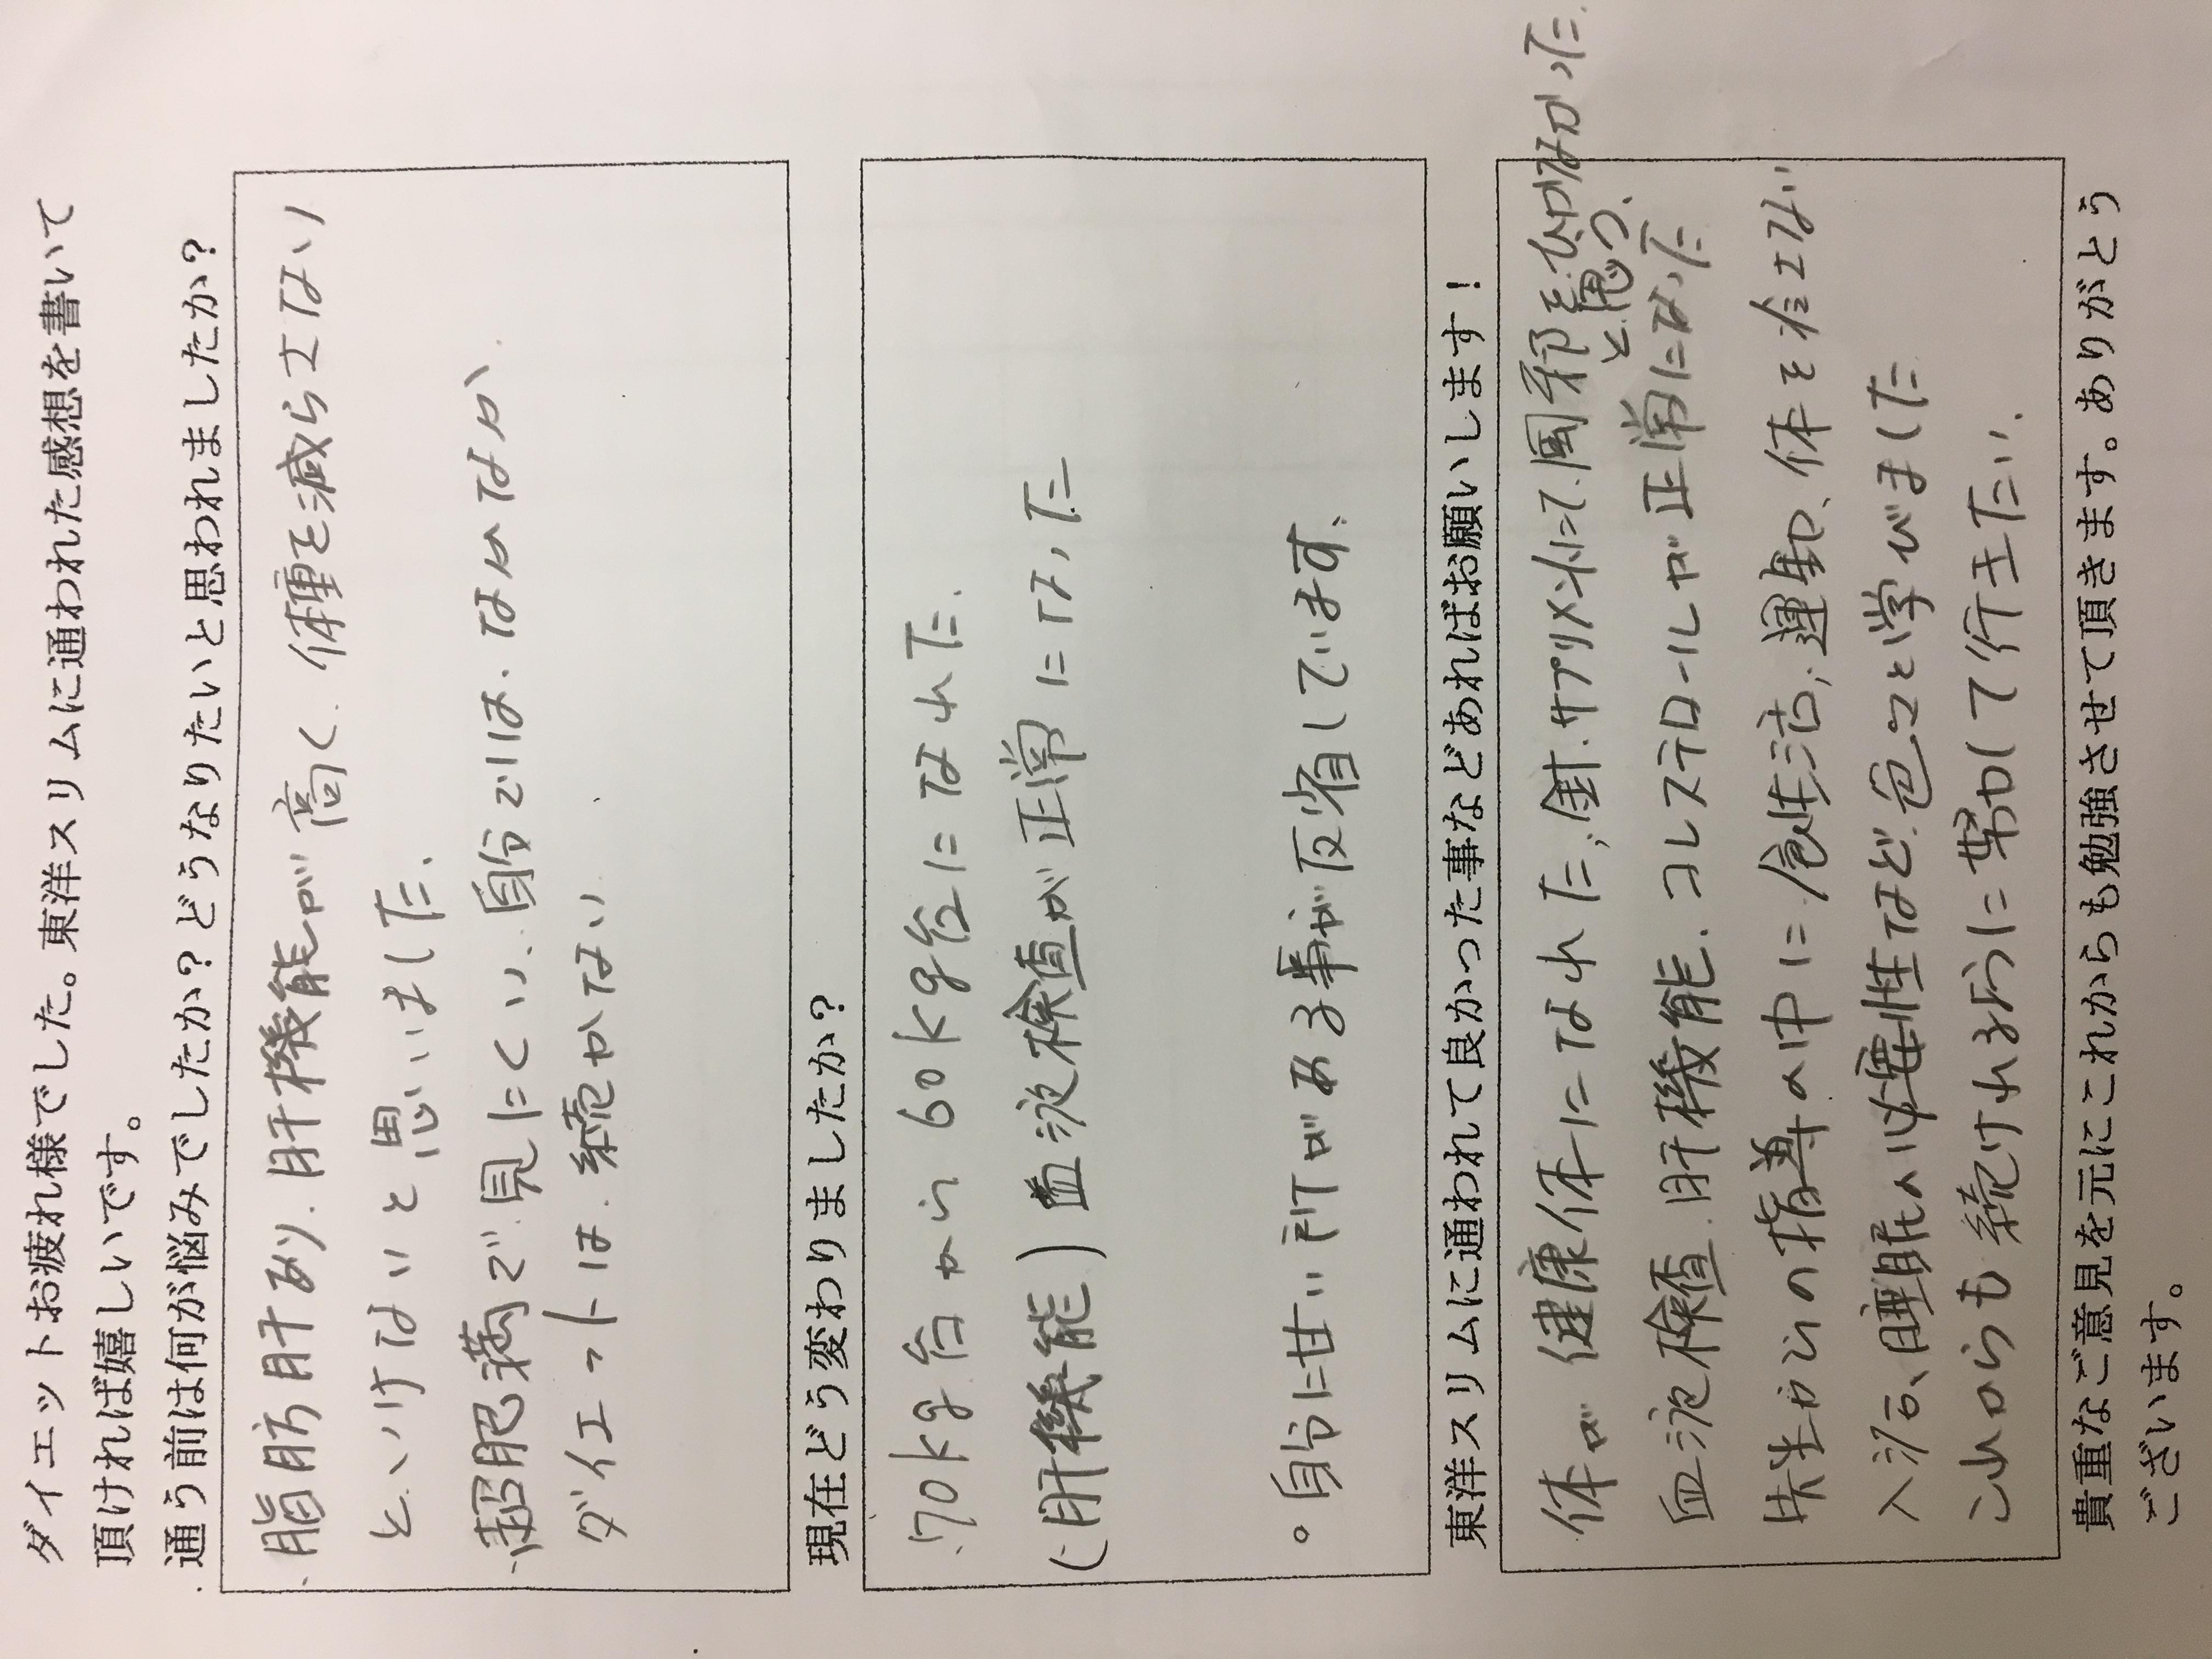 [皆様の声]大阪府羽曳野市Mさん[50代]耳つぼダイエット7kg成功。肝機能、コレステロールが正常値に。